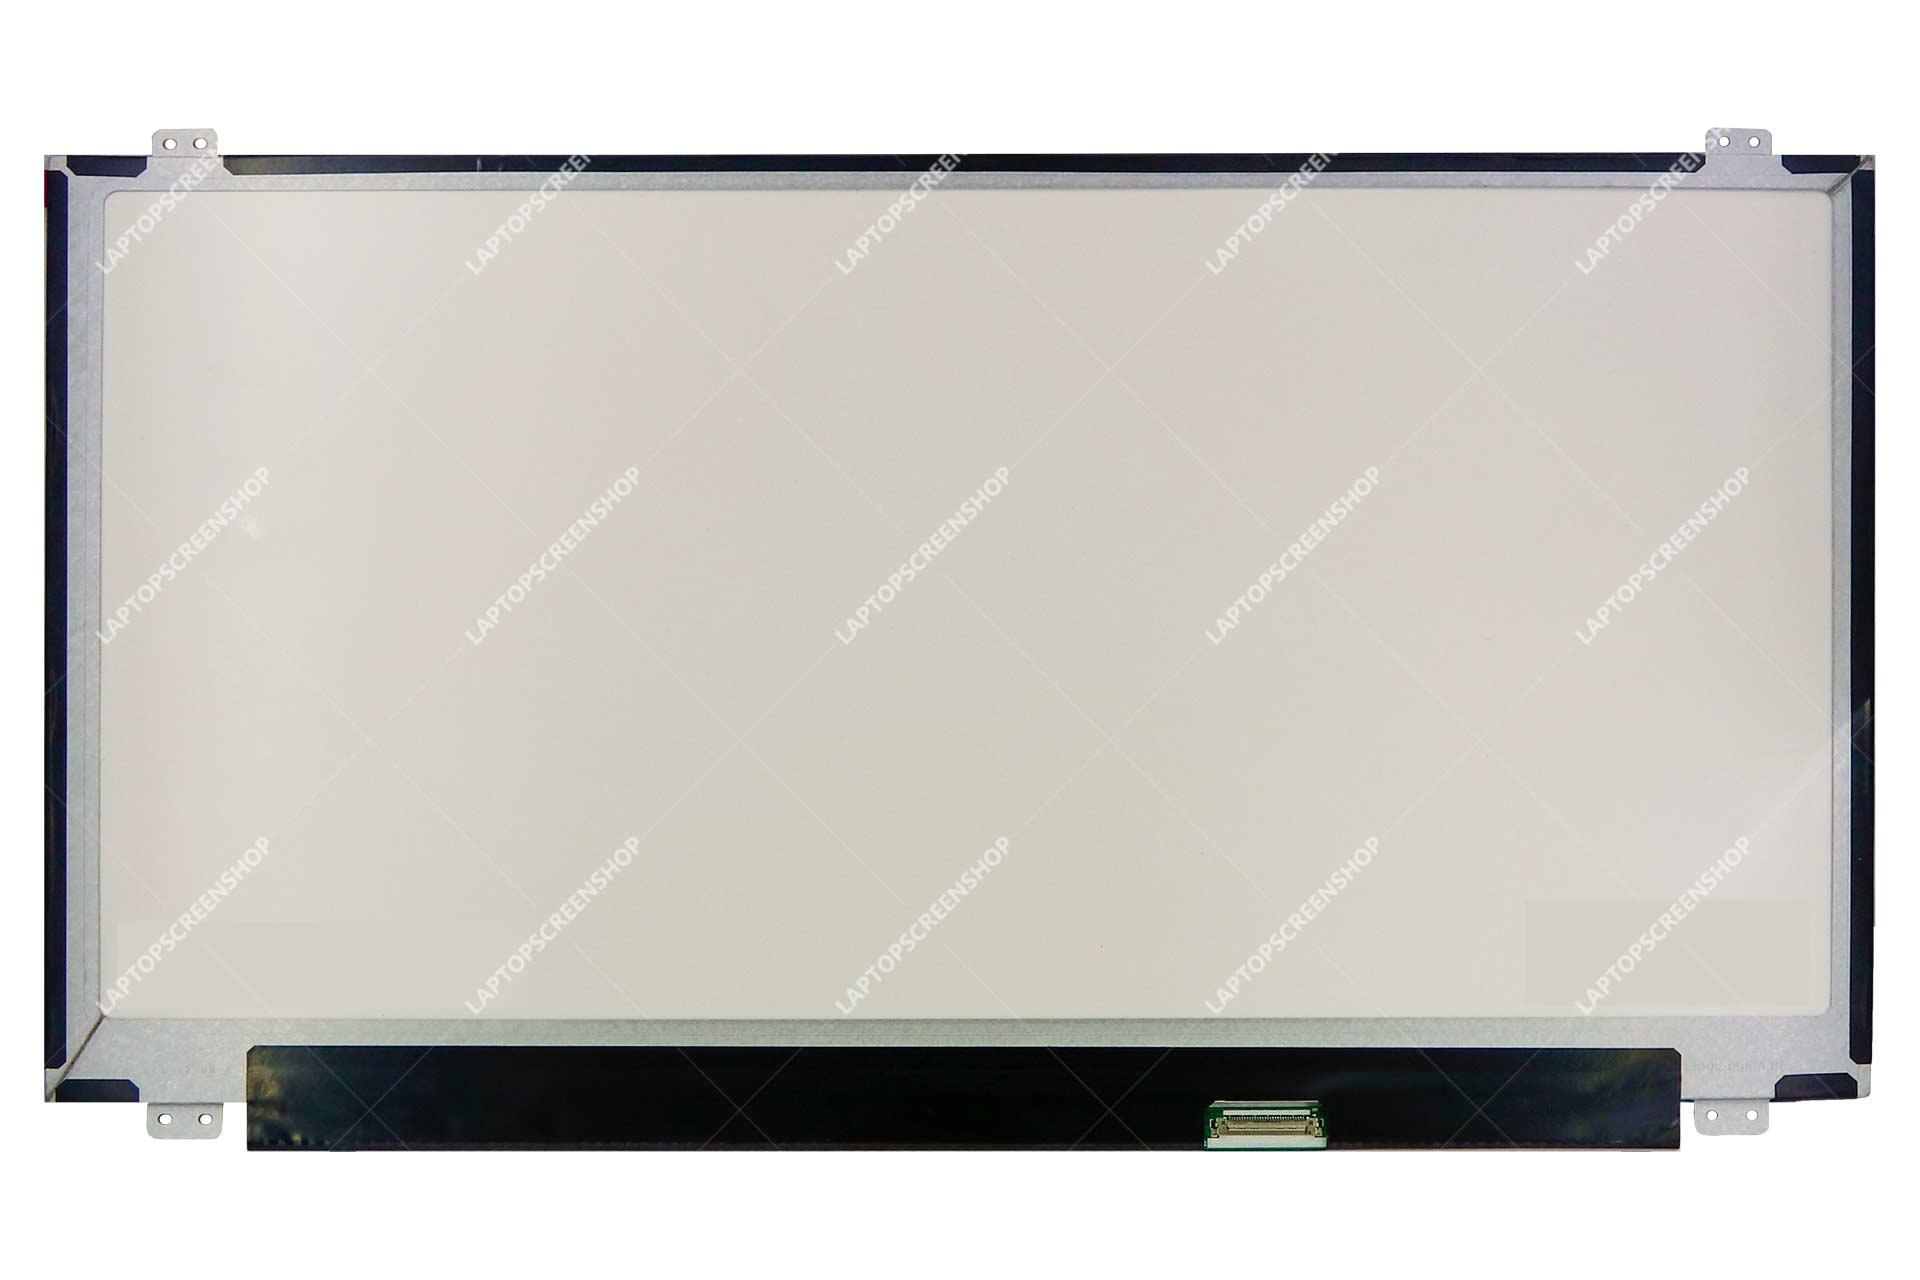 ACER-ASPIRE-E15- E5-532-C7AU-LCD |HD|فروشگاه لپ تاپ اسکرين | تعمير لپ تاپ